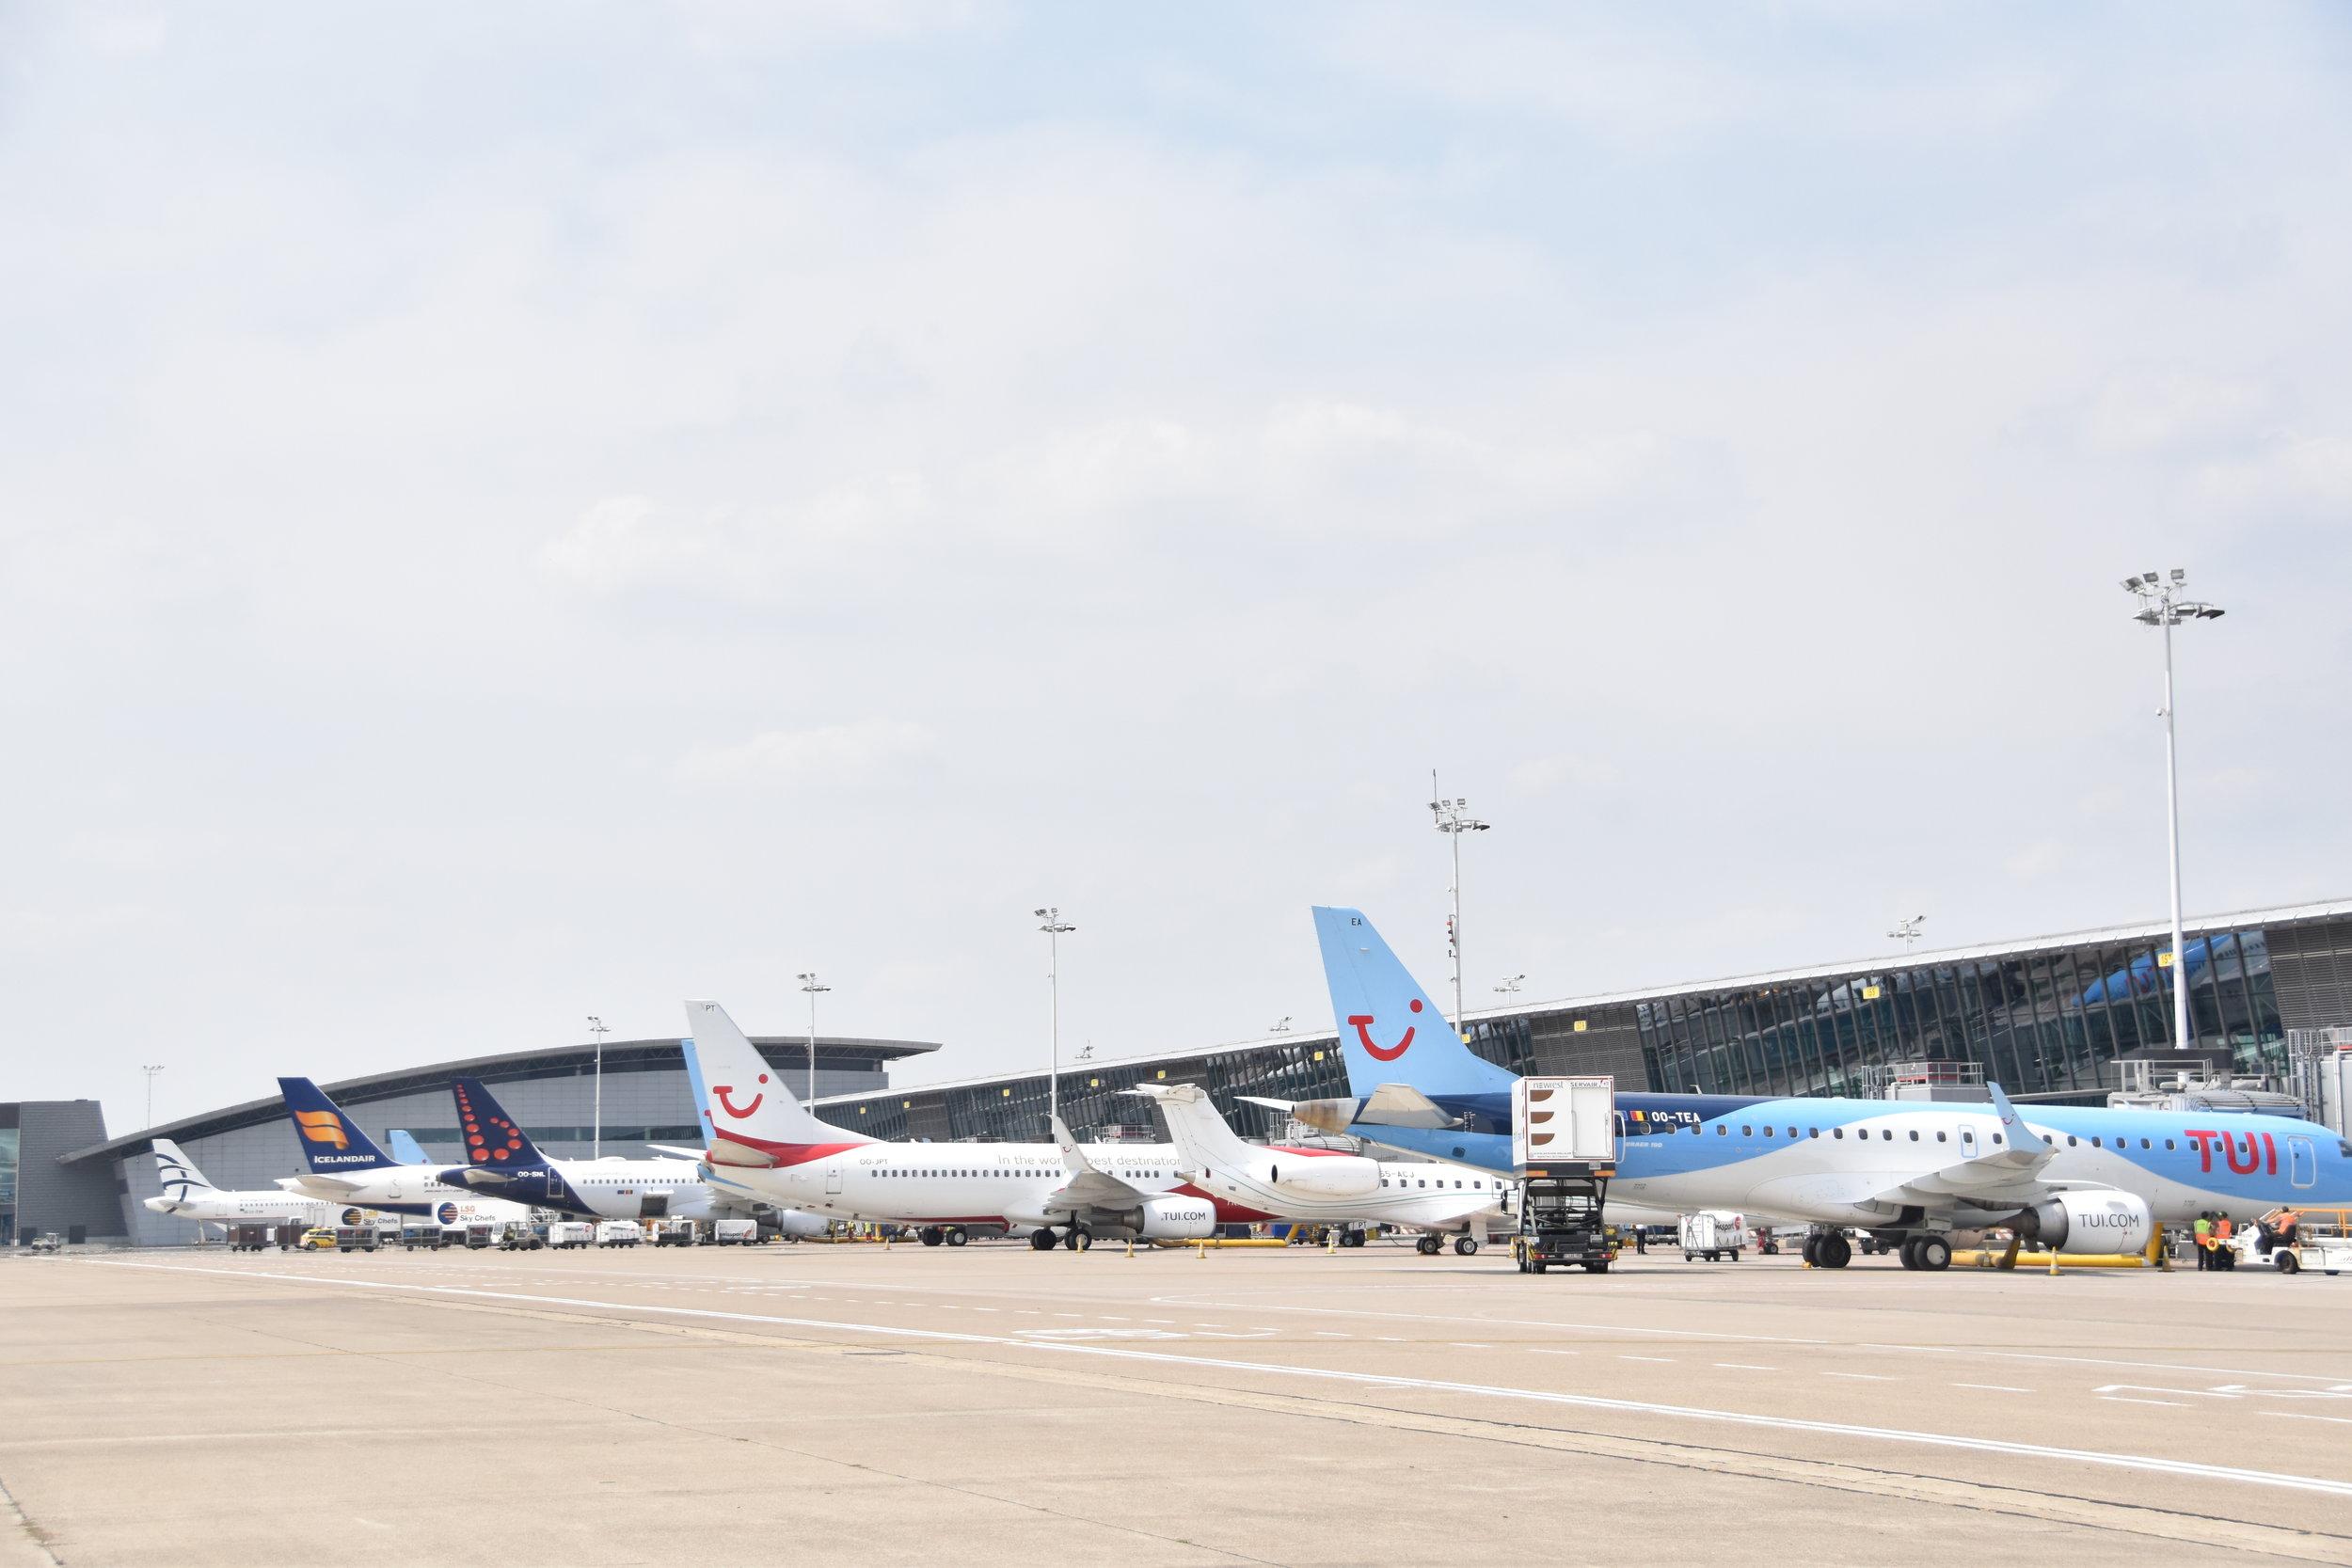 brusselsairport-planes-797671.jpg